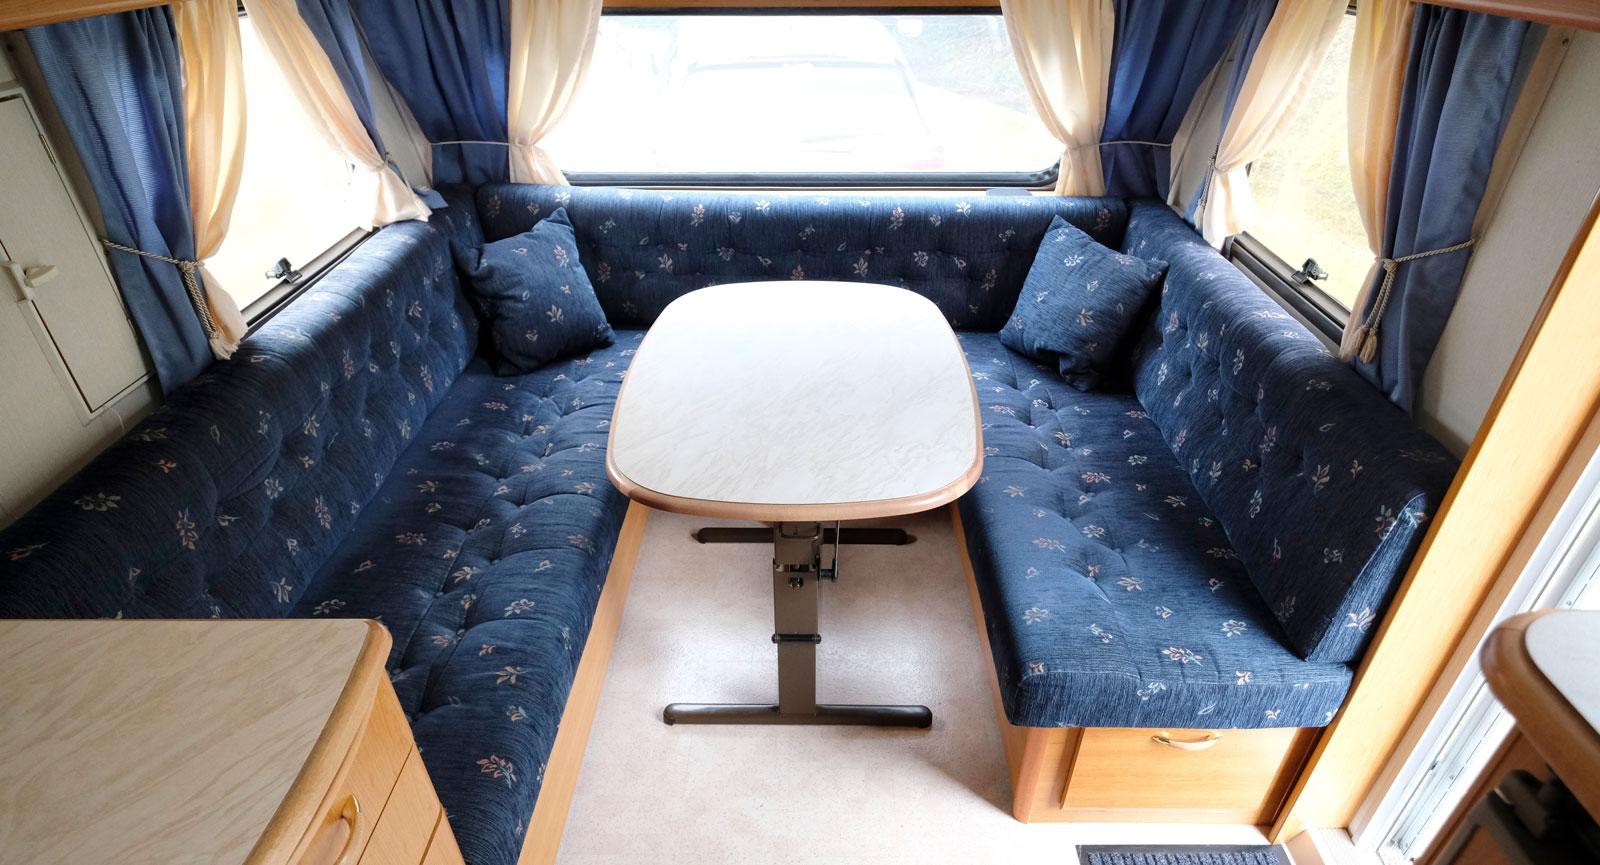 Textilierna är inte lika diskreta och neutrala som nyare vagnar.